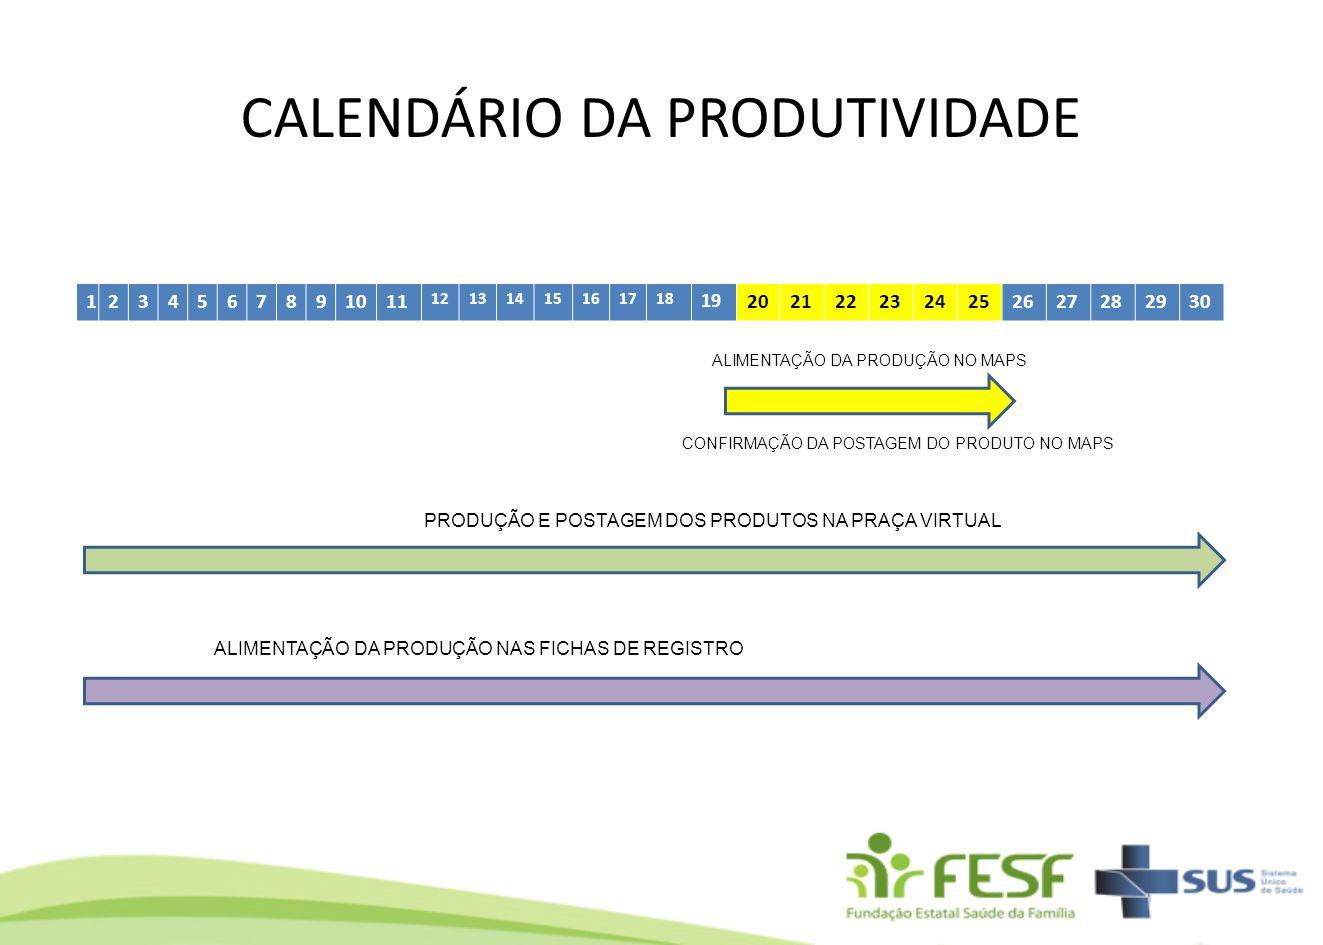 CALENDÁRIO DA PRODUTIVIDADE